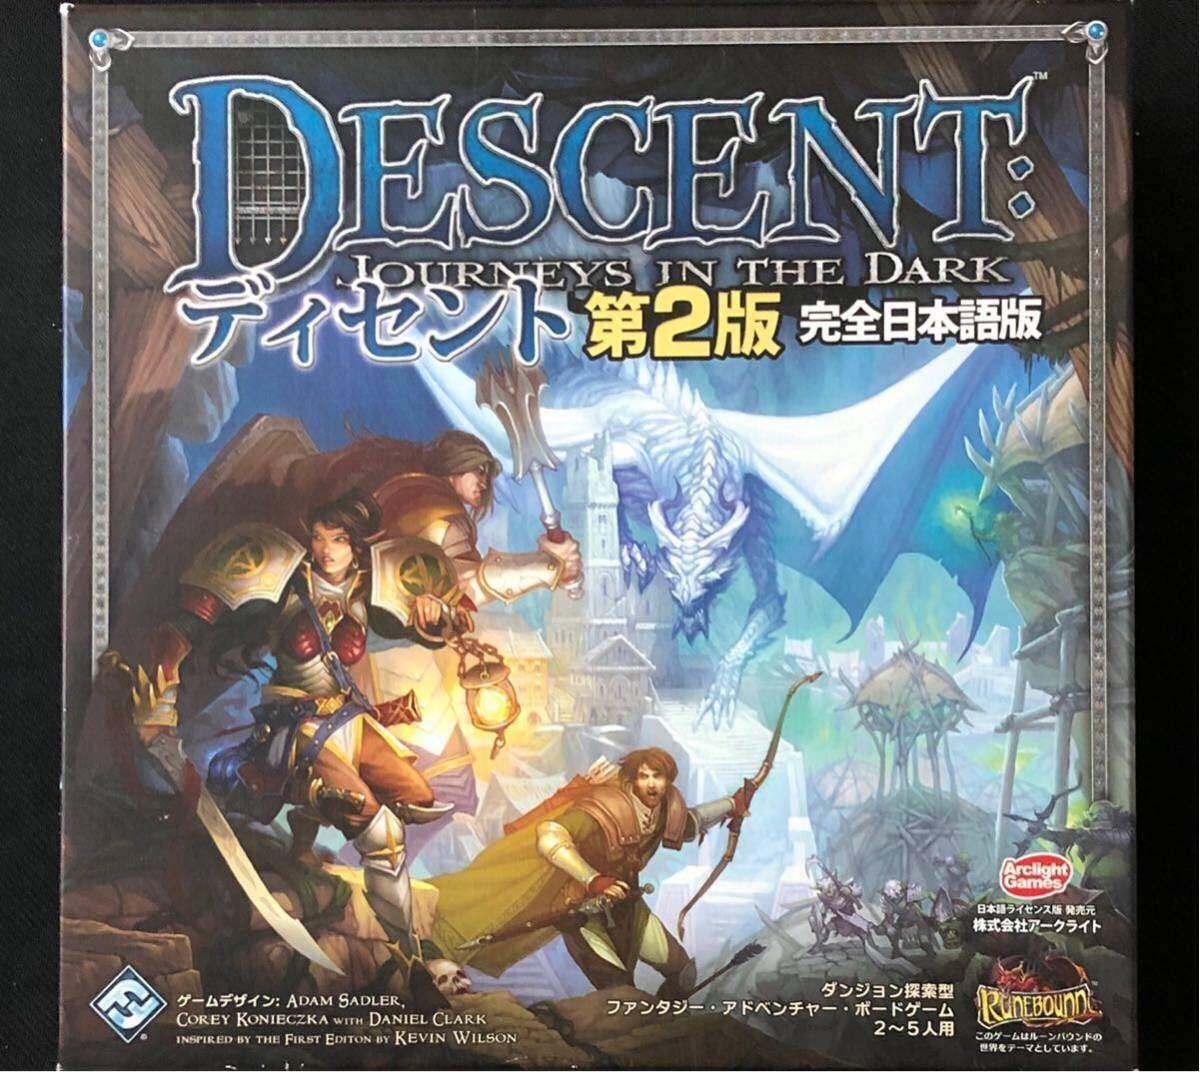 ディセント 第2版 完全日本語版 中古品 ボードゲーム カードゲーム Arclight Games DESCENT Journeys in the Dark Second Edition